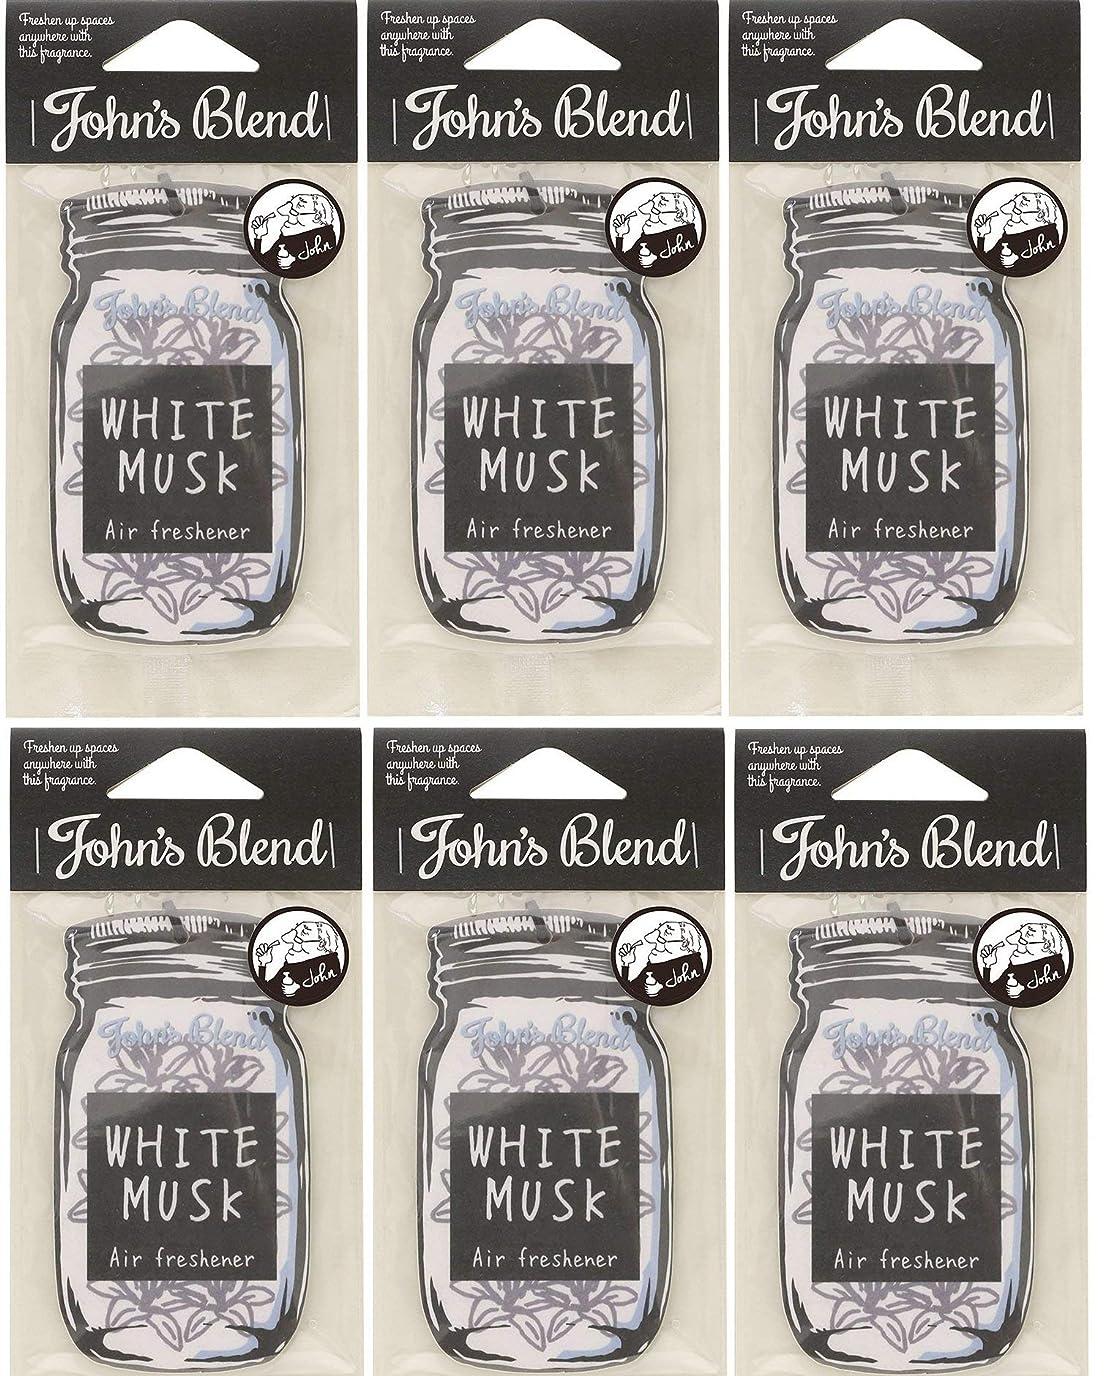 群集民間補償【6個セット】John'sBlend エアーフレッシュナー WHITEMUSK ノルコーポレーション OAJON0101